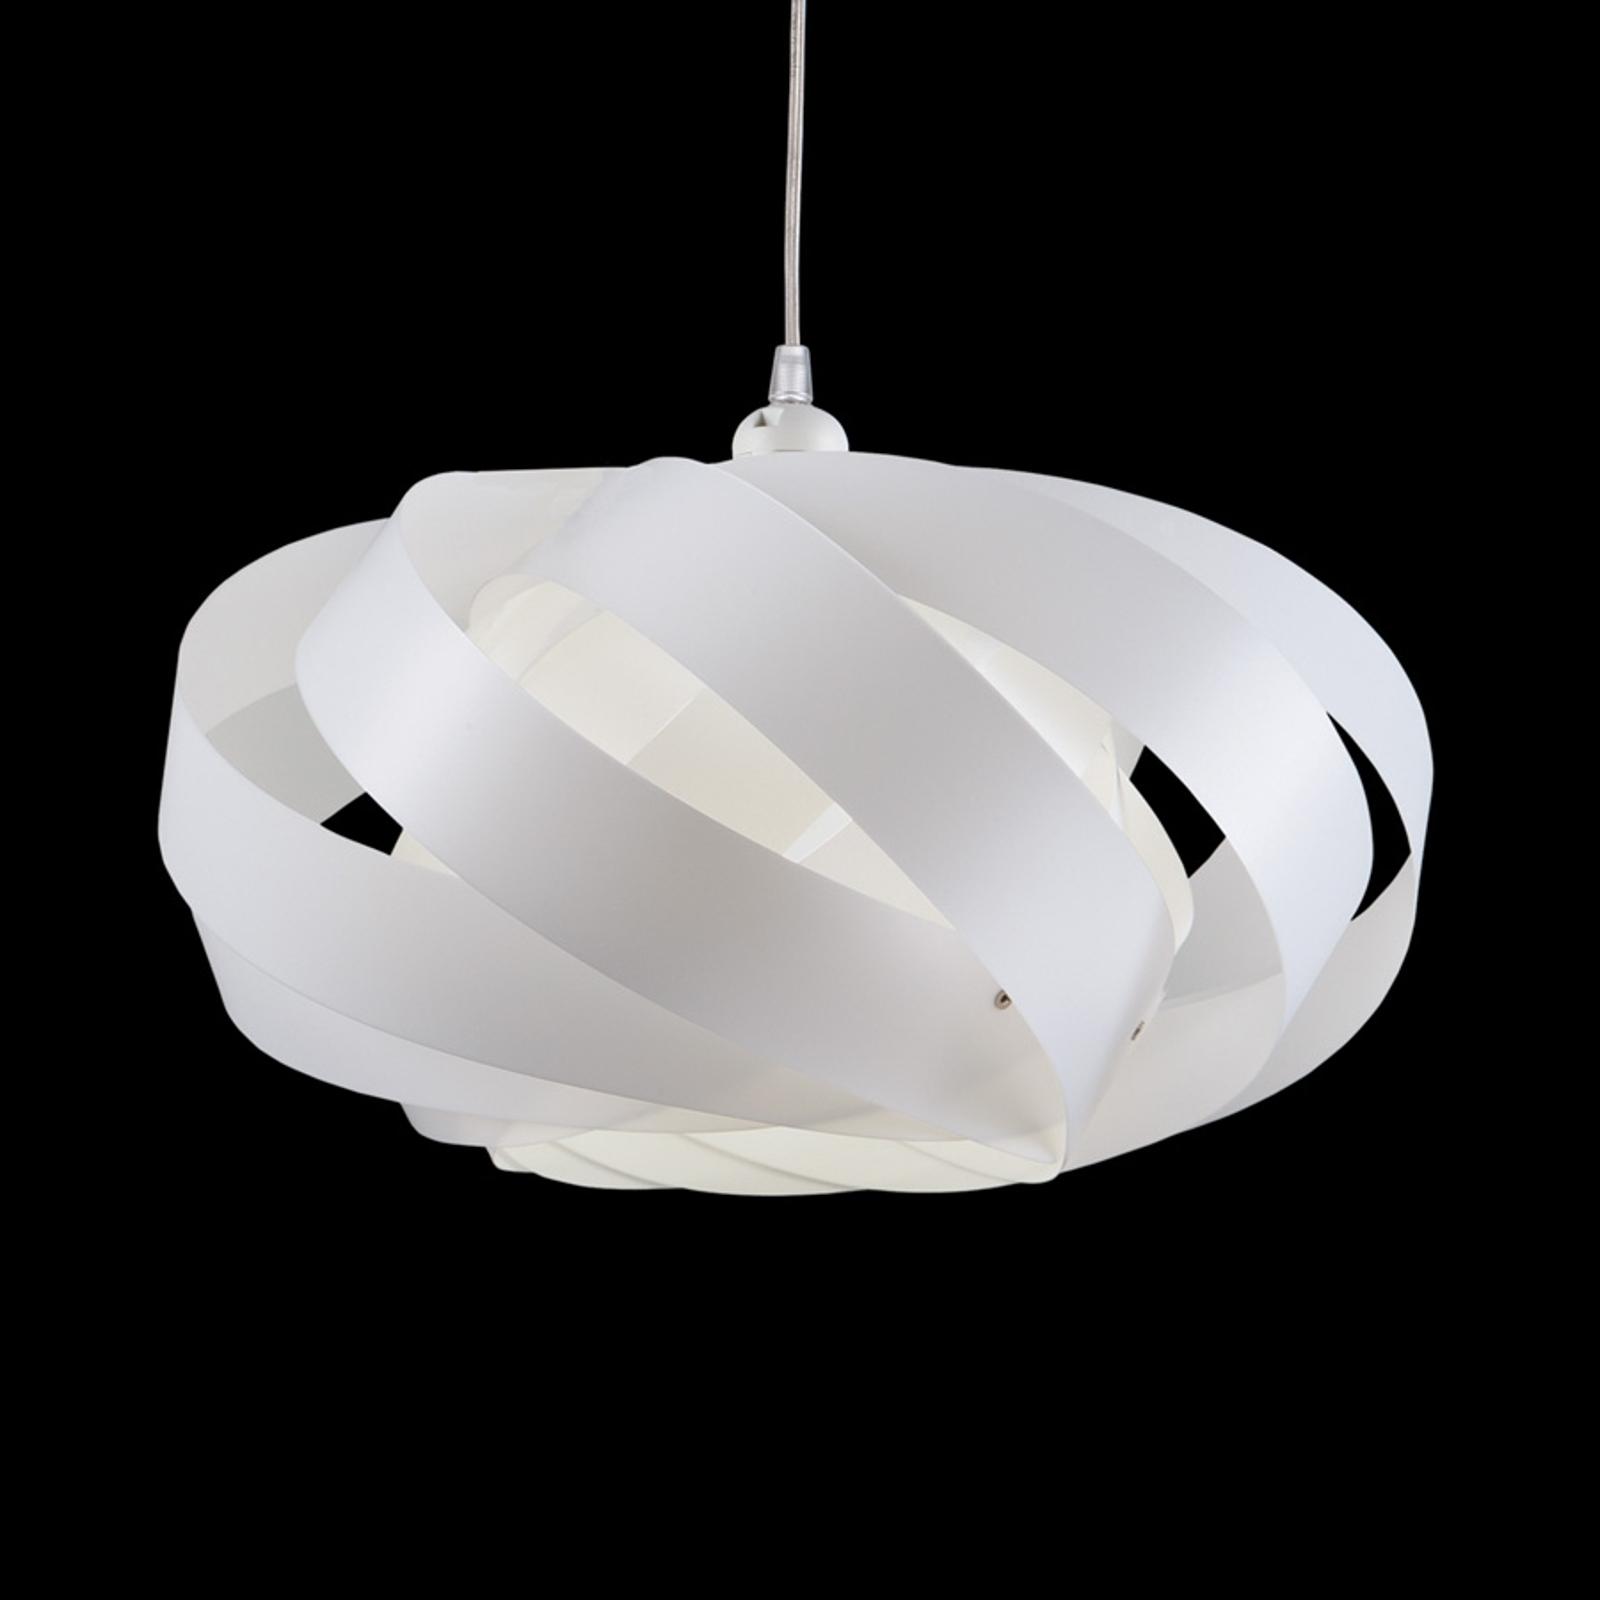 Hanglamp Mininest met strepen, wit